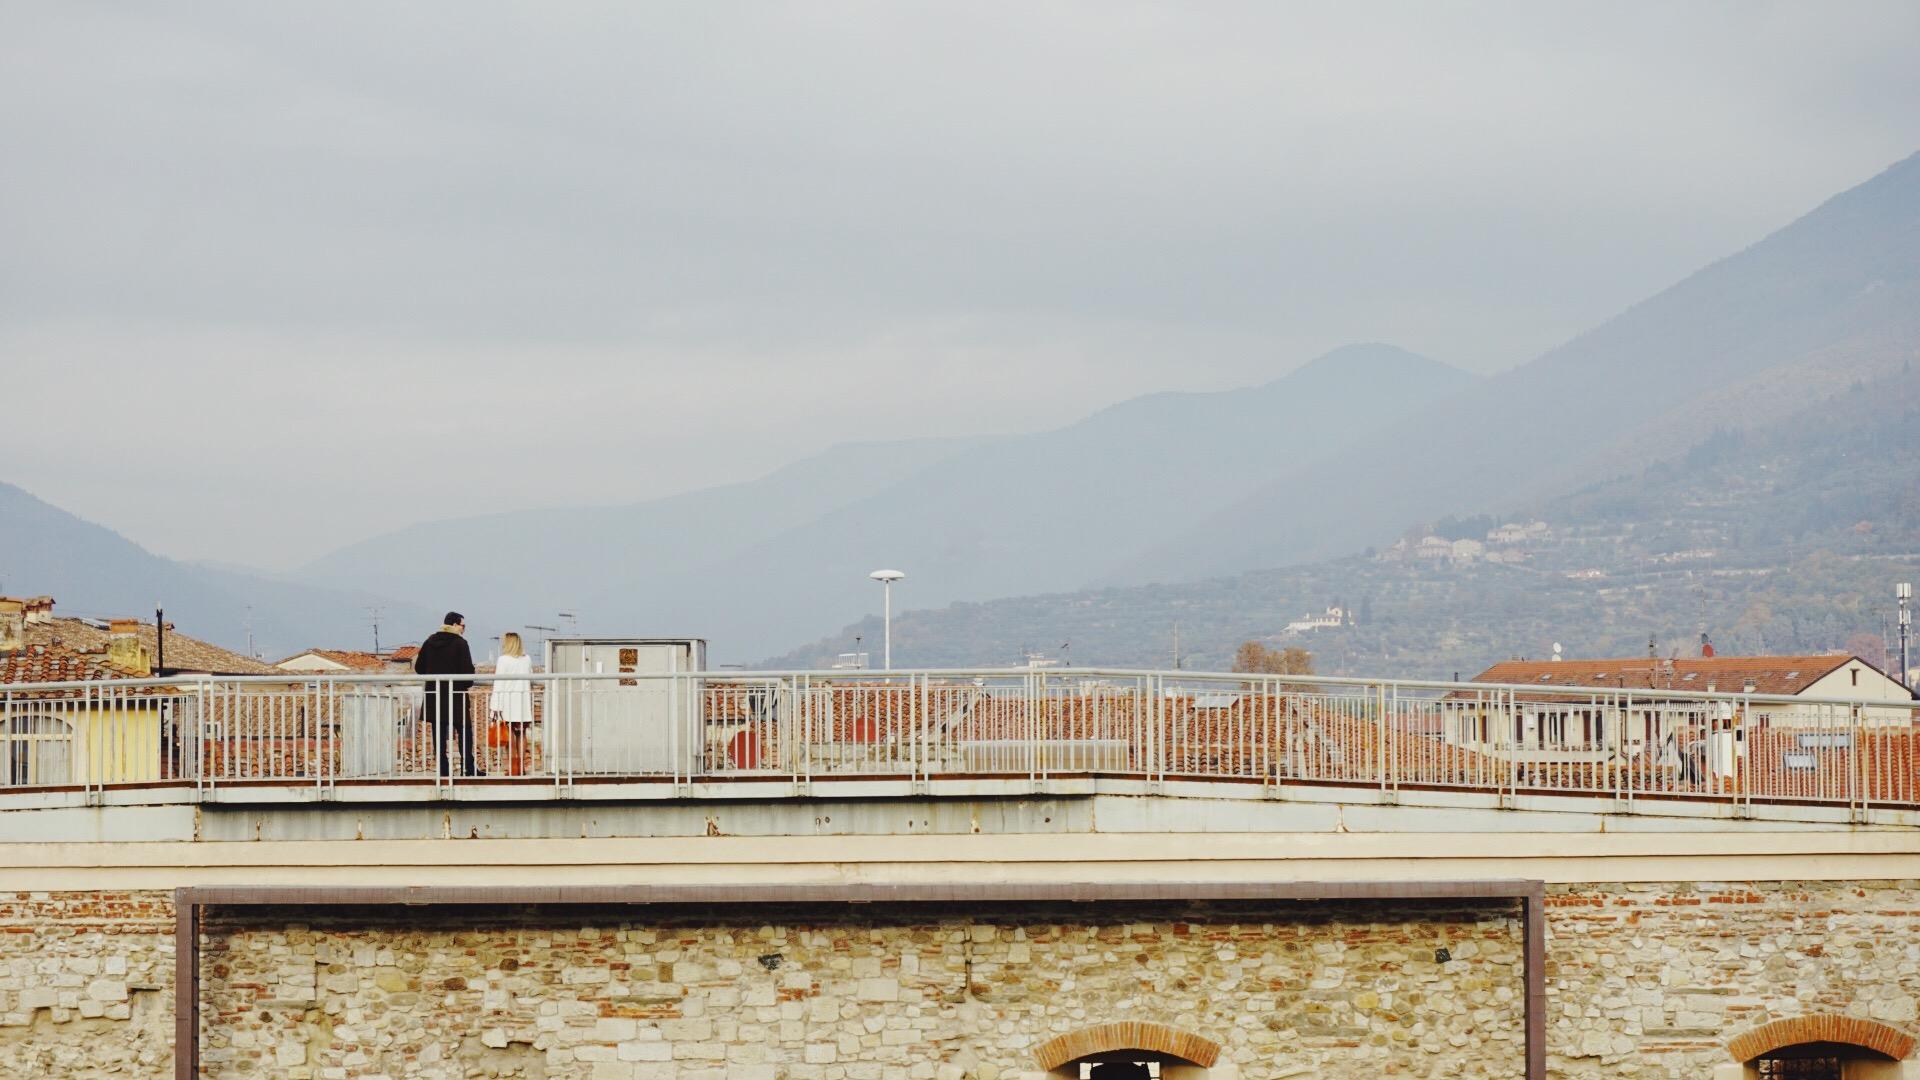 可以俯瞰普拉托全景的由神圣罗马帝国皇帝修建的城堡